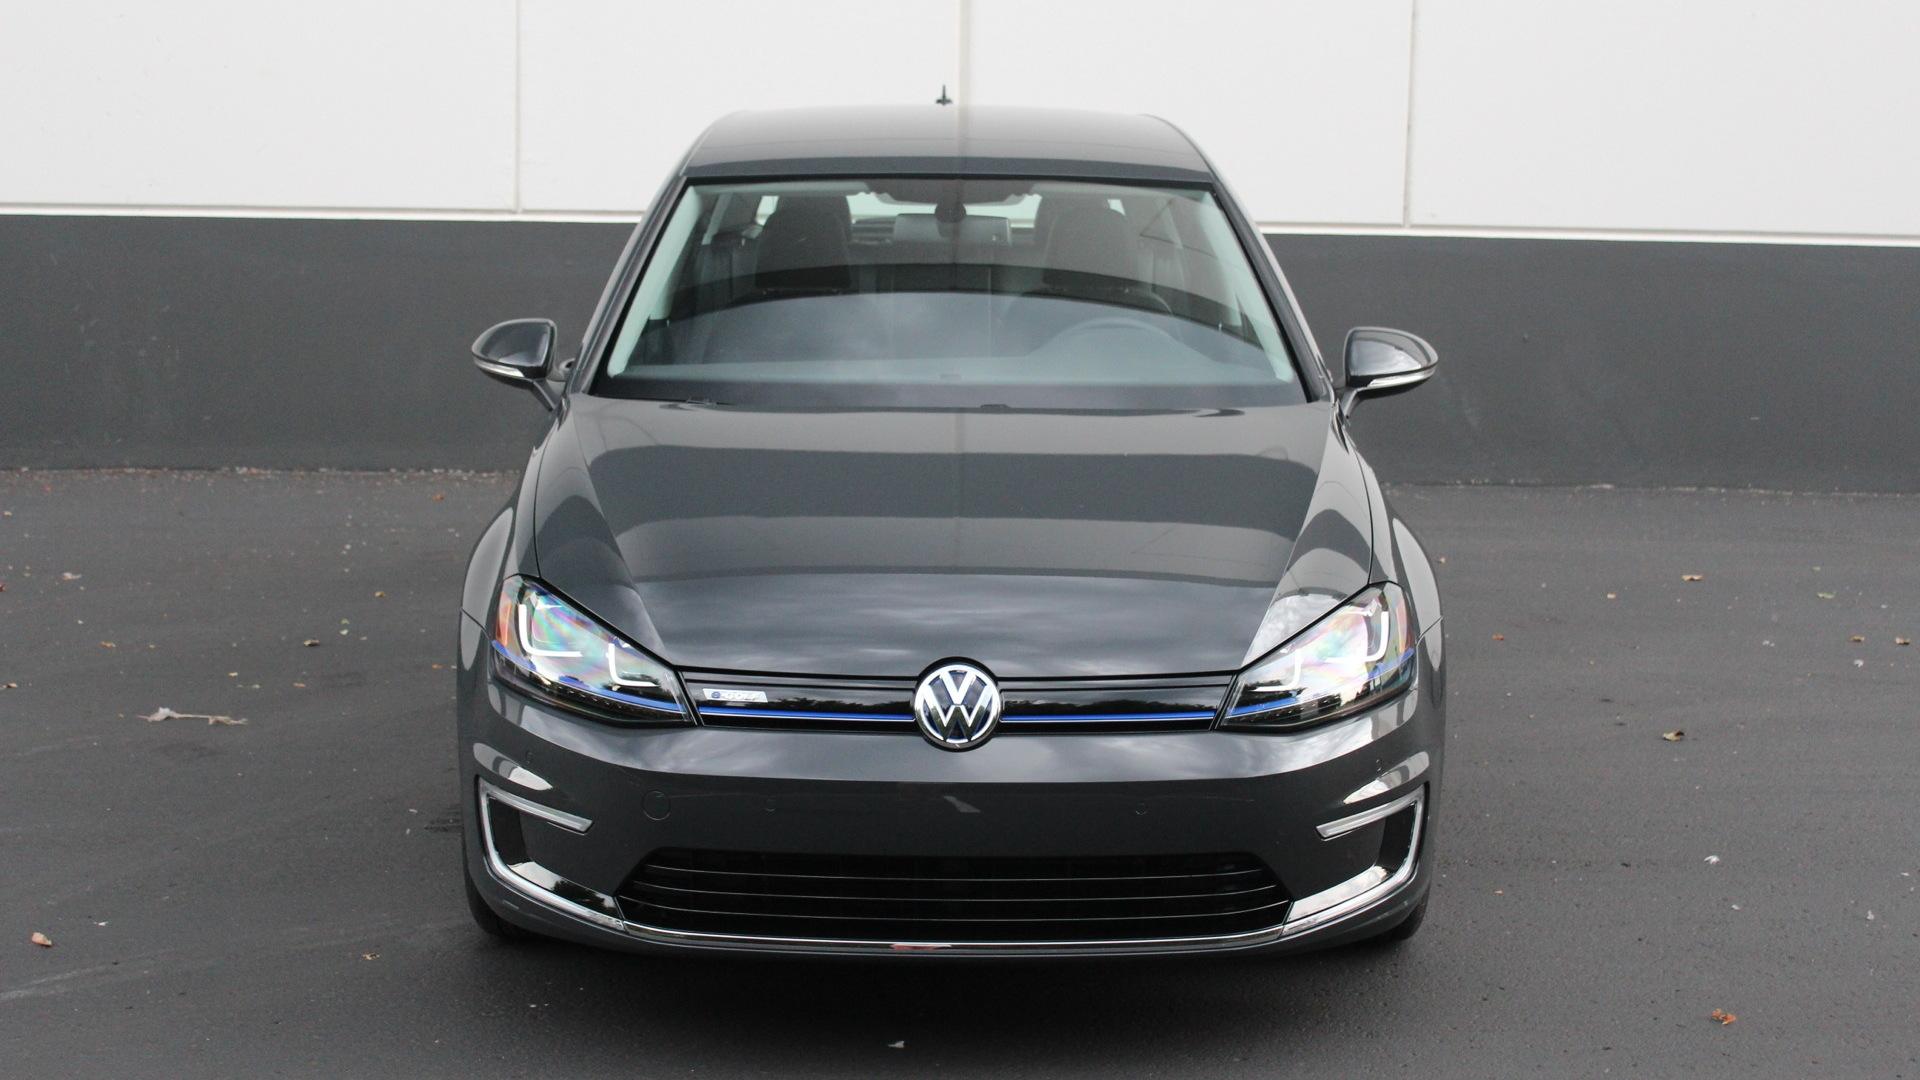 2015 Volkswagen e-Golf  -  Long-term test car